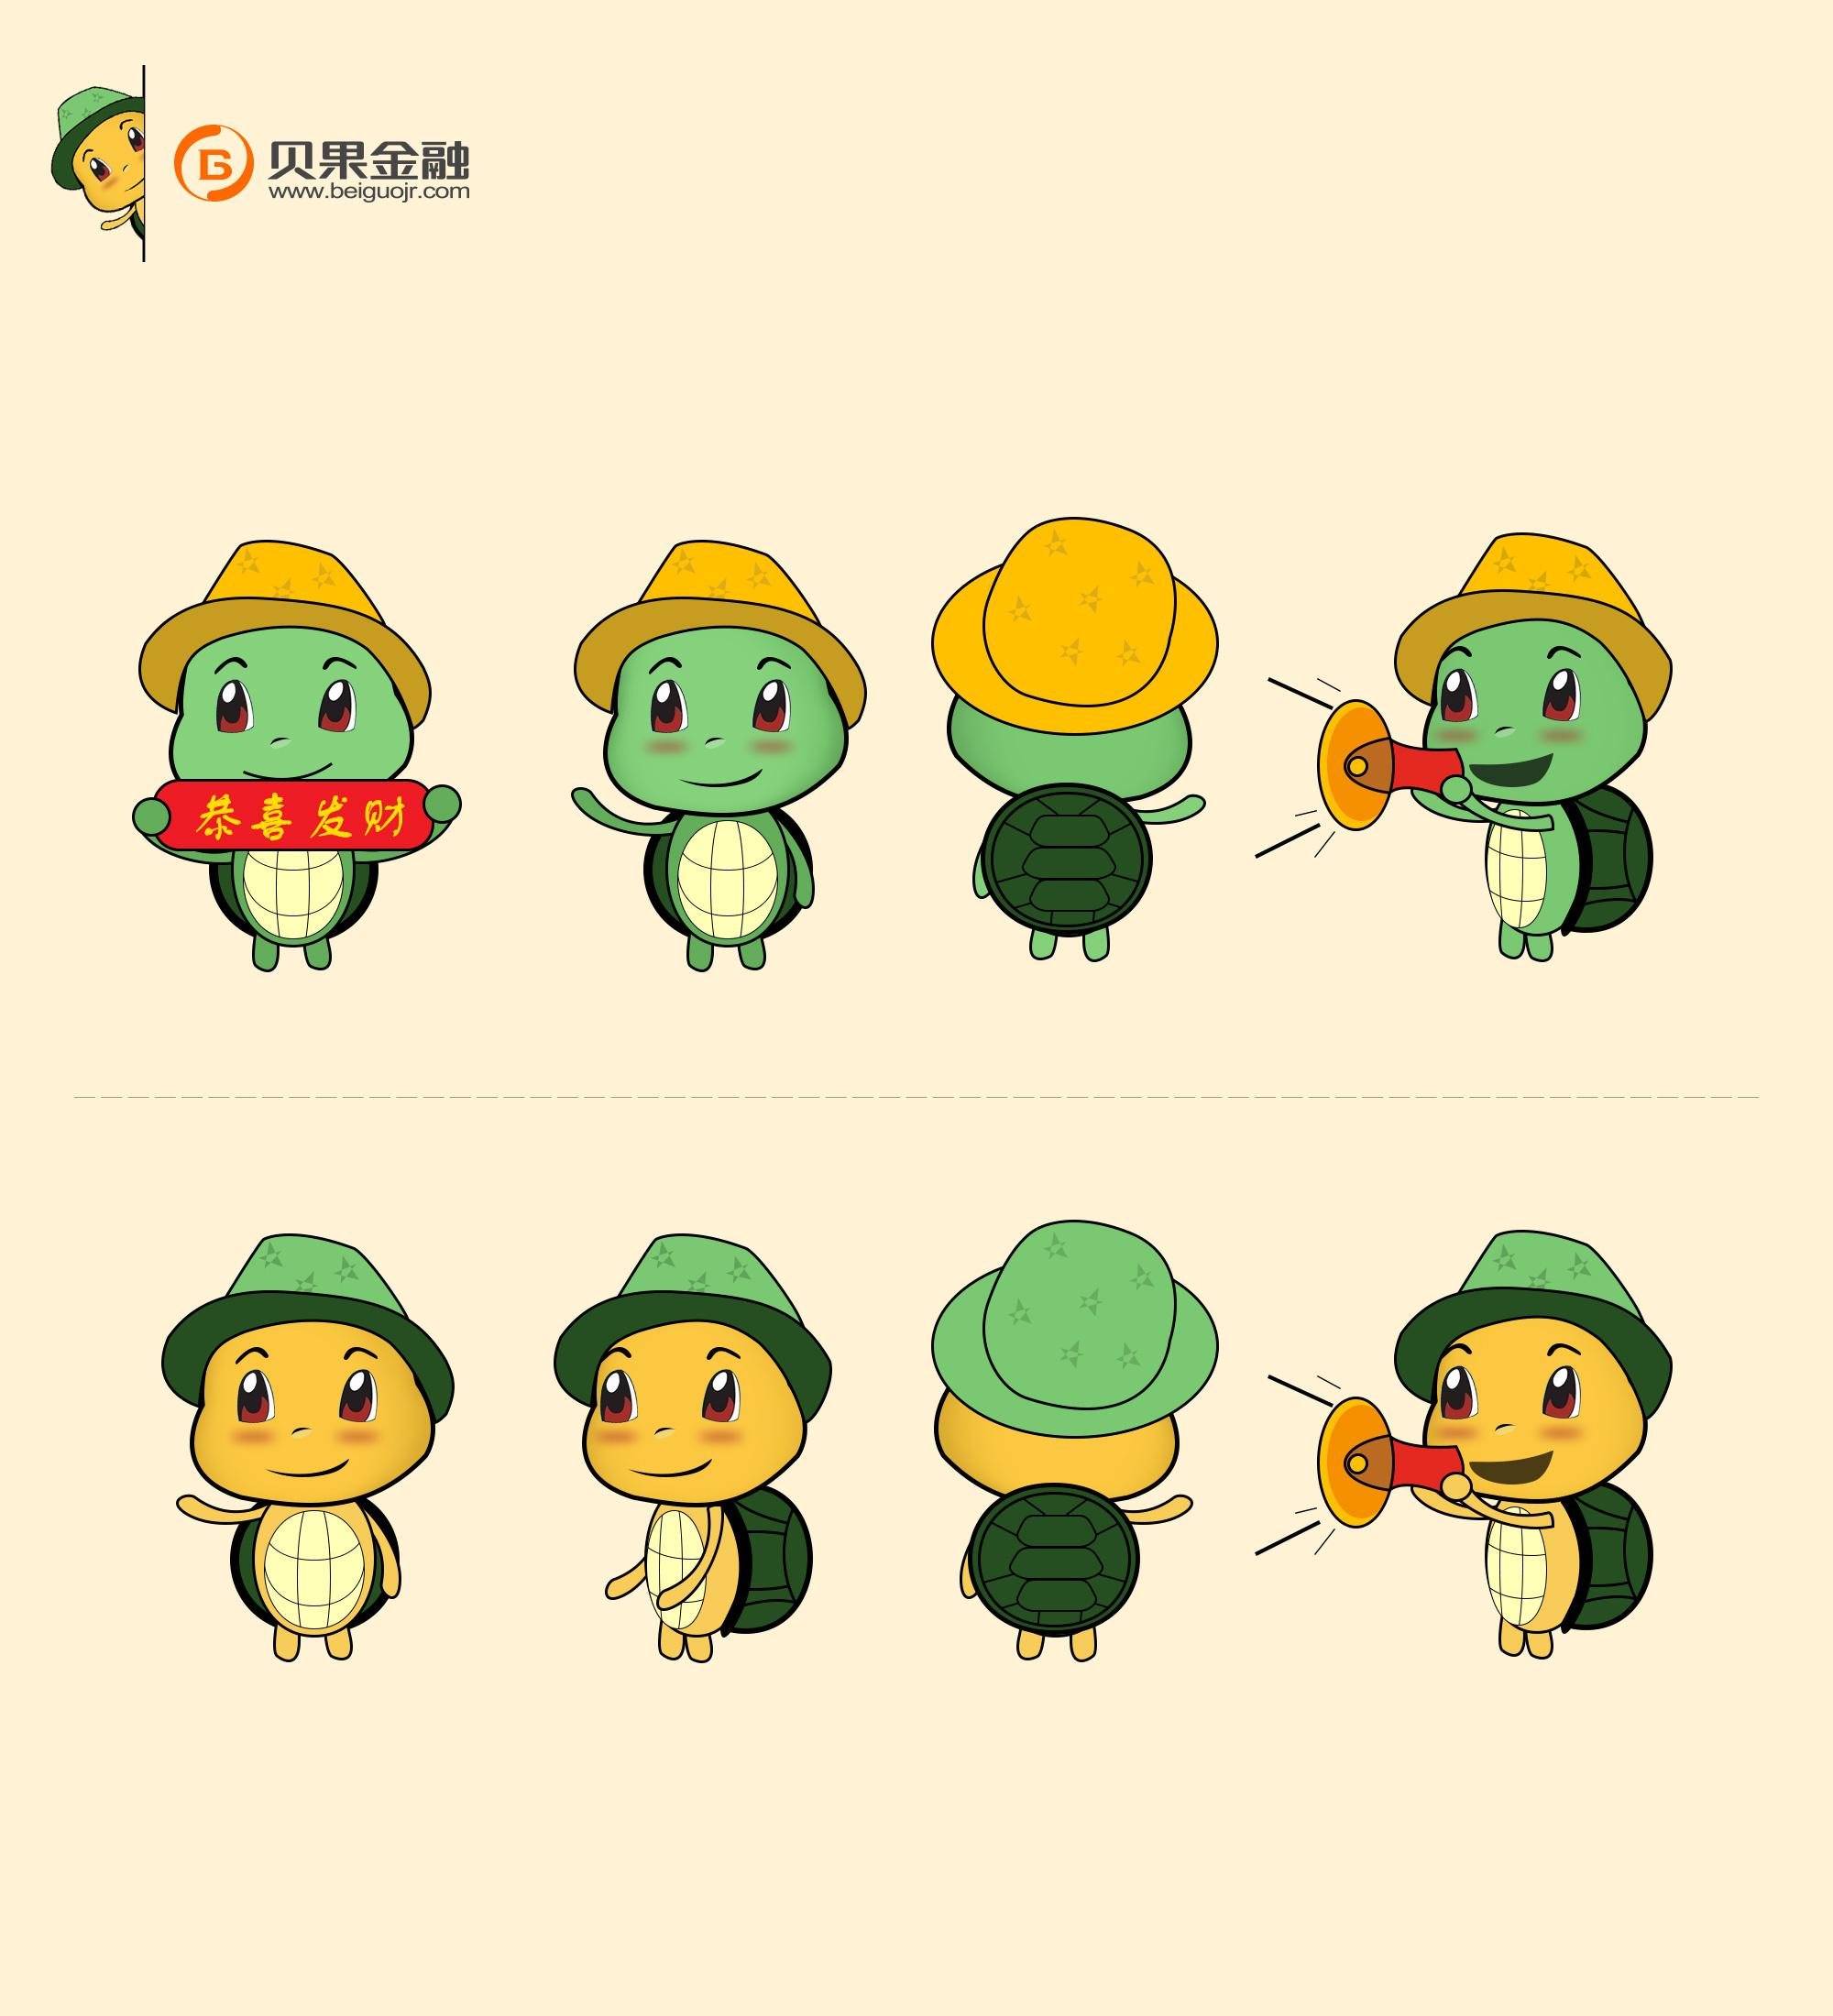 卡通乌龟图片大全